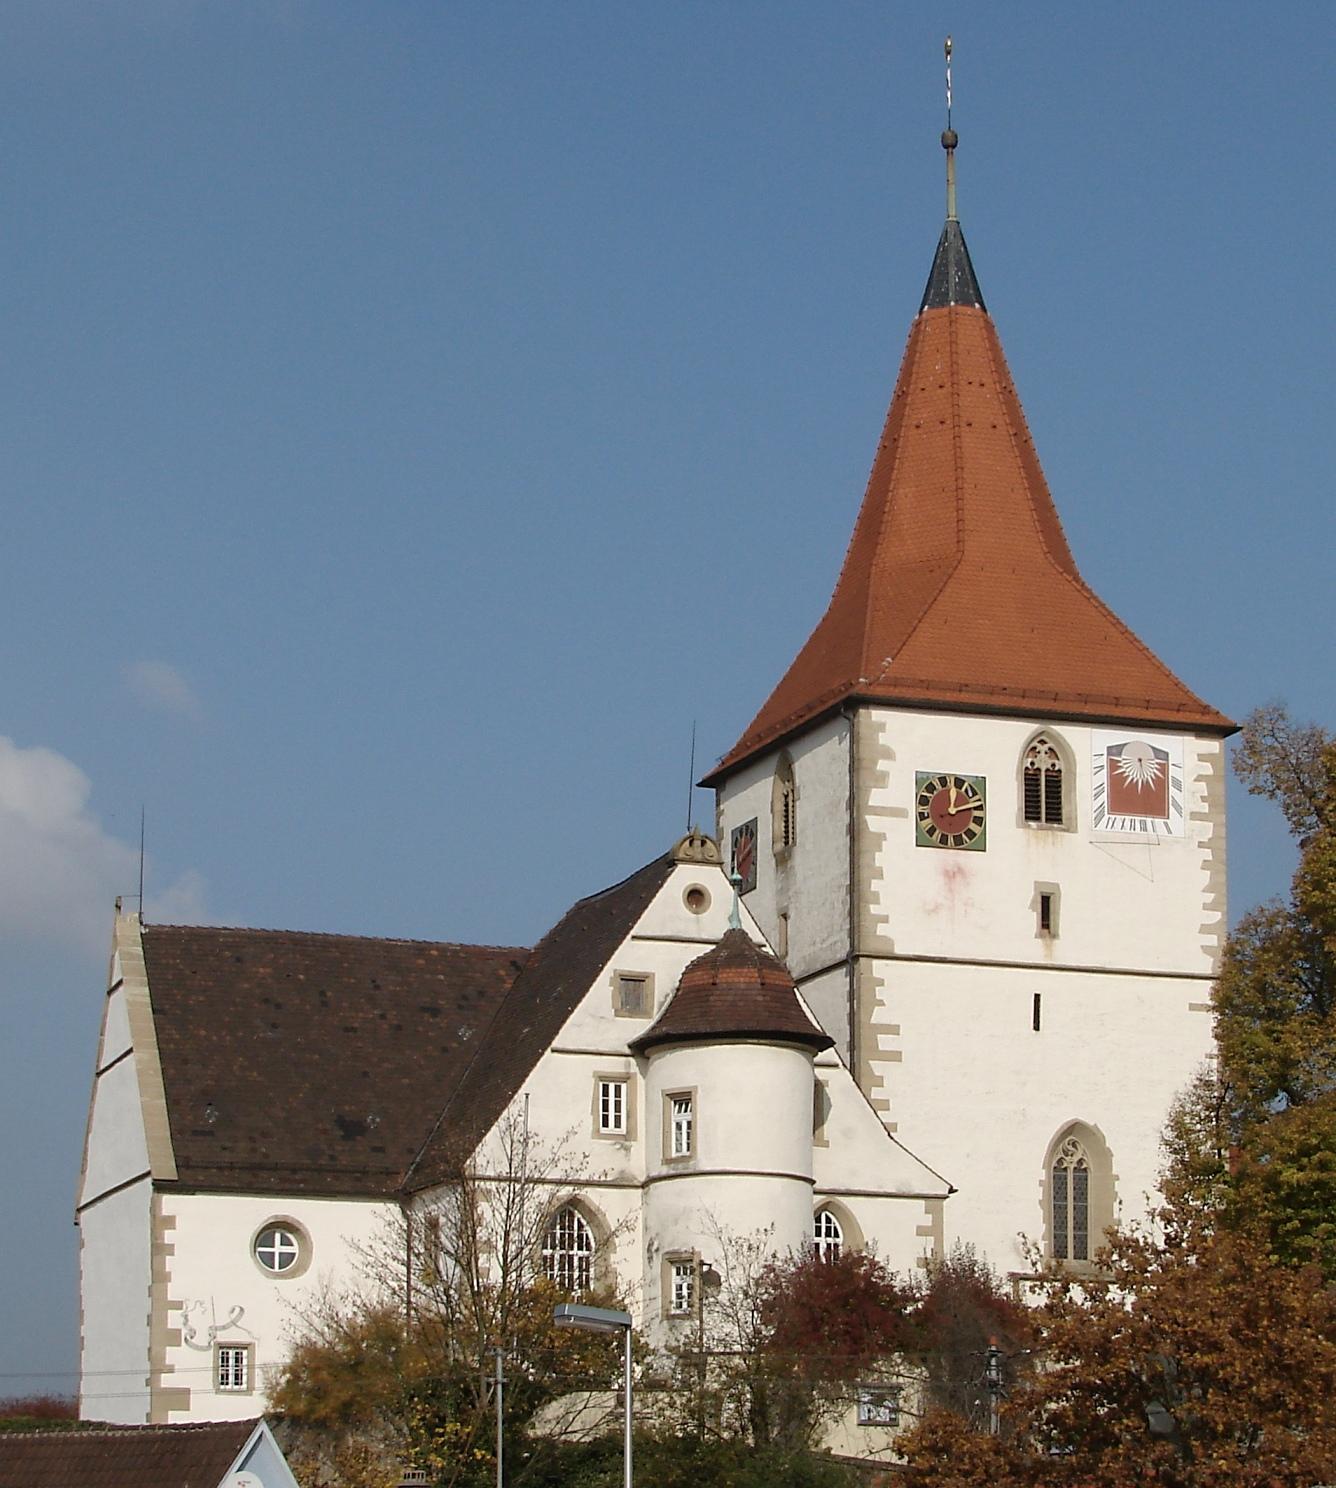 Freiberg am Neckar